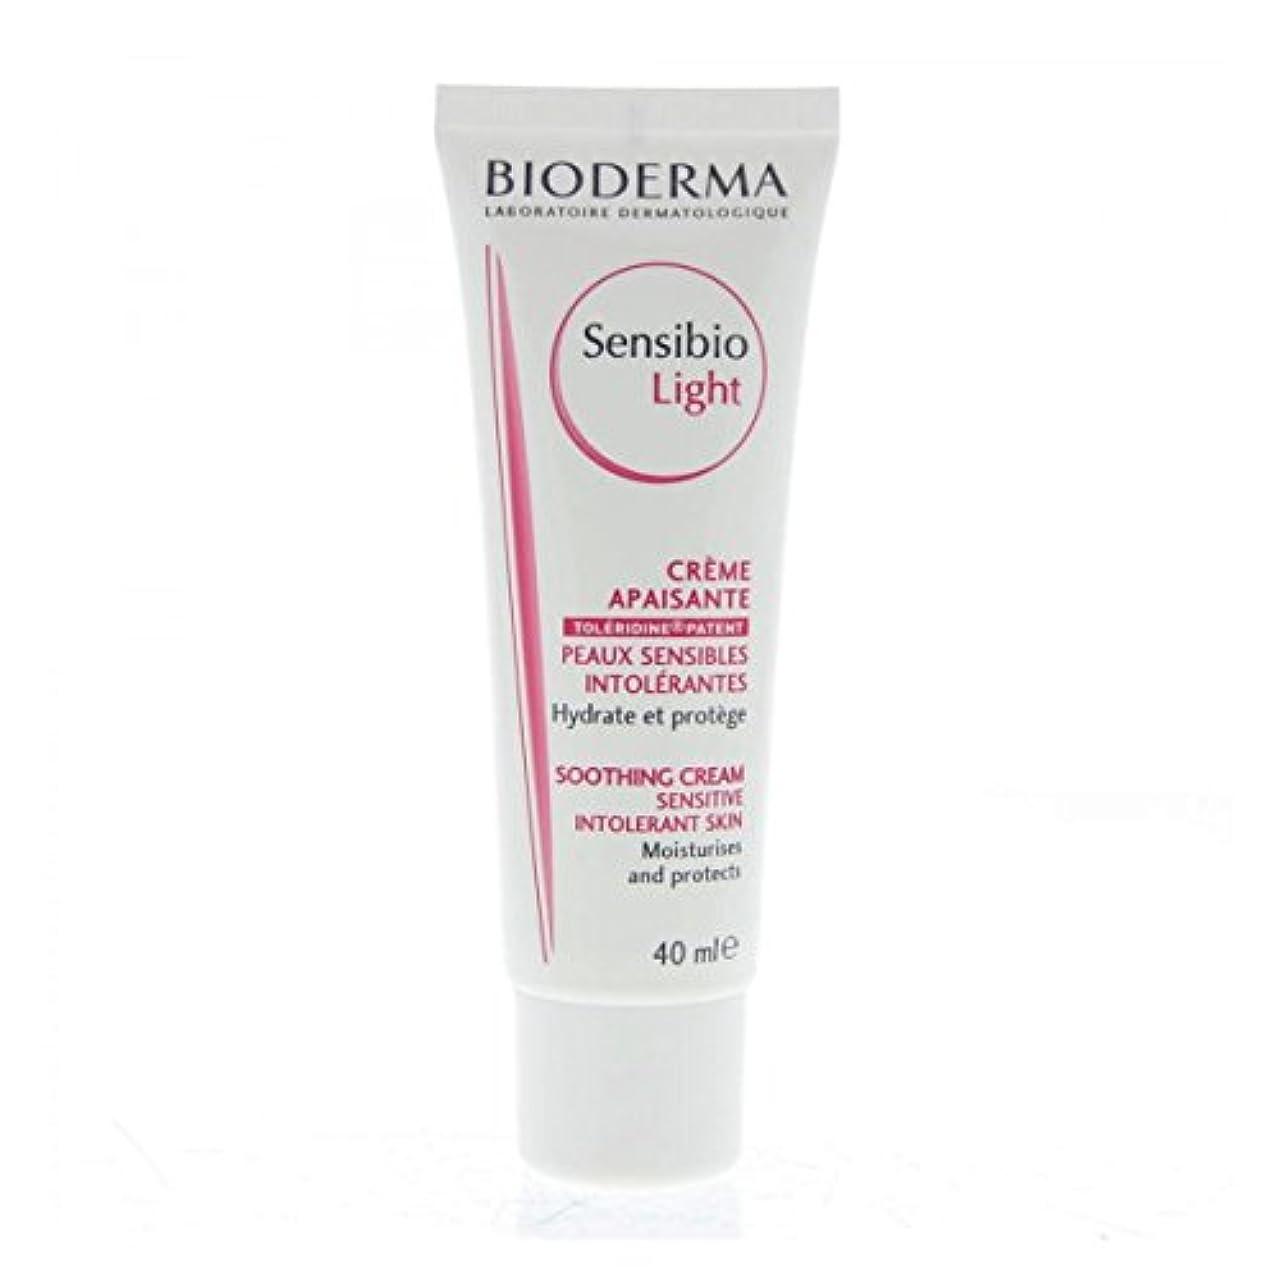 リボン倫理的騒々しいビオデルマ サンシビオ ライトクリーム しっとり (40g) BIODERMA Sensibio 保湿クリーム